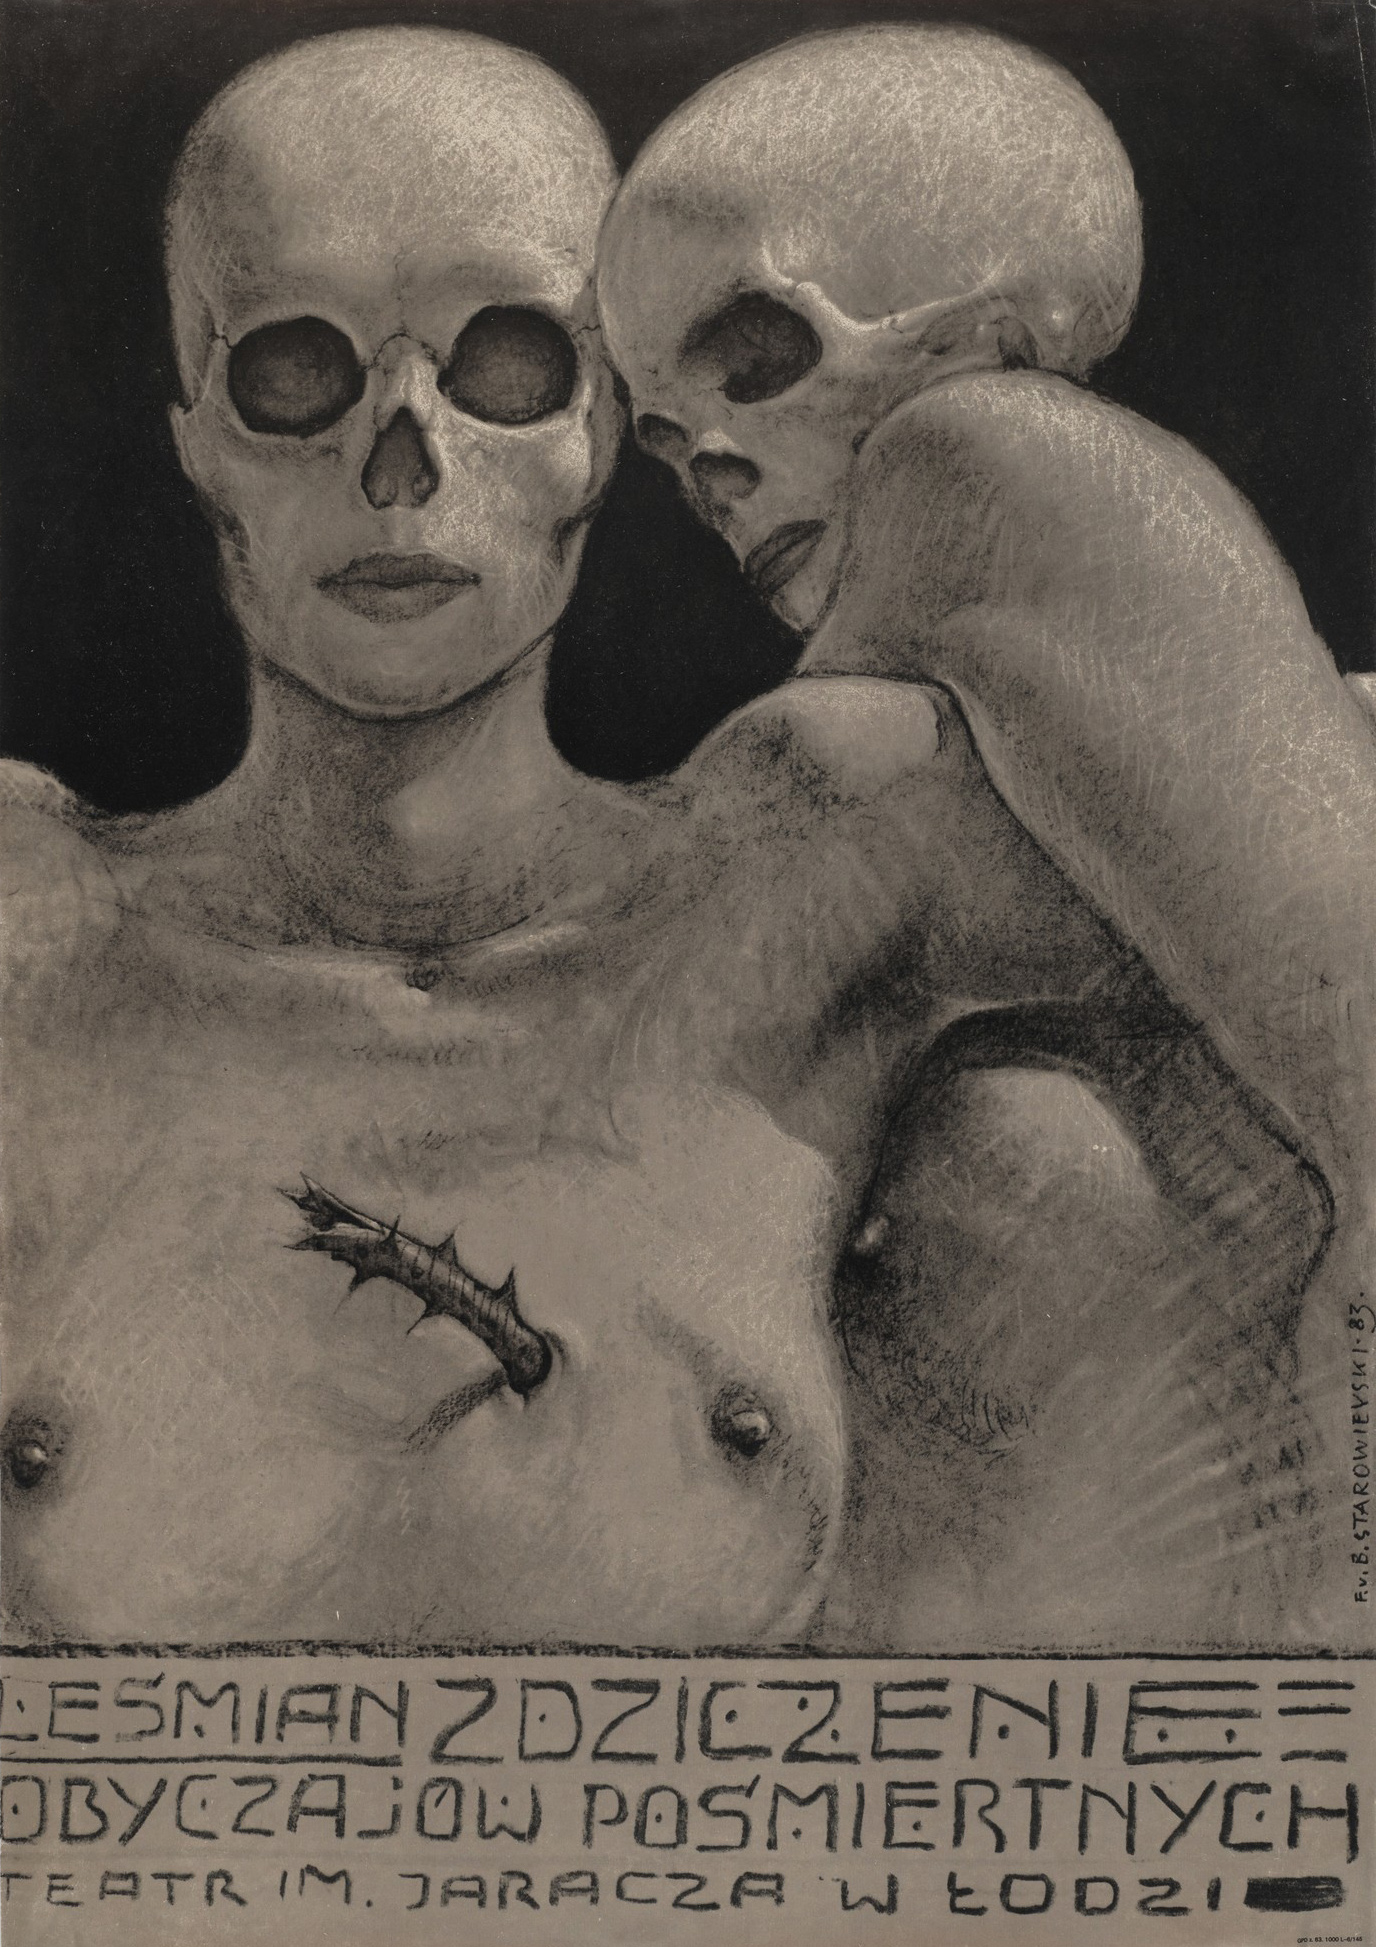 Franciszek Starowieyski - Zdziczenie Obyczajow Posmiertnych, 1983